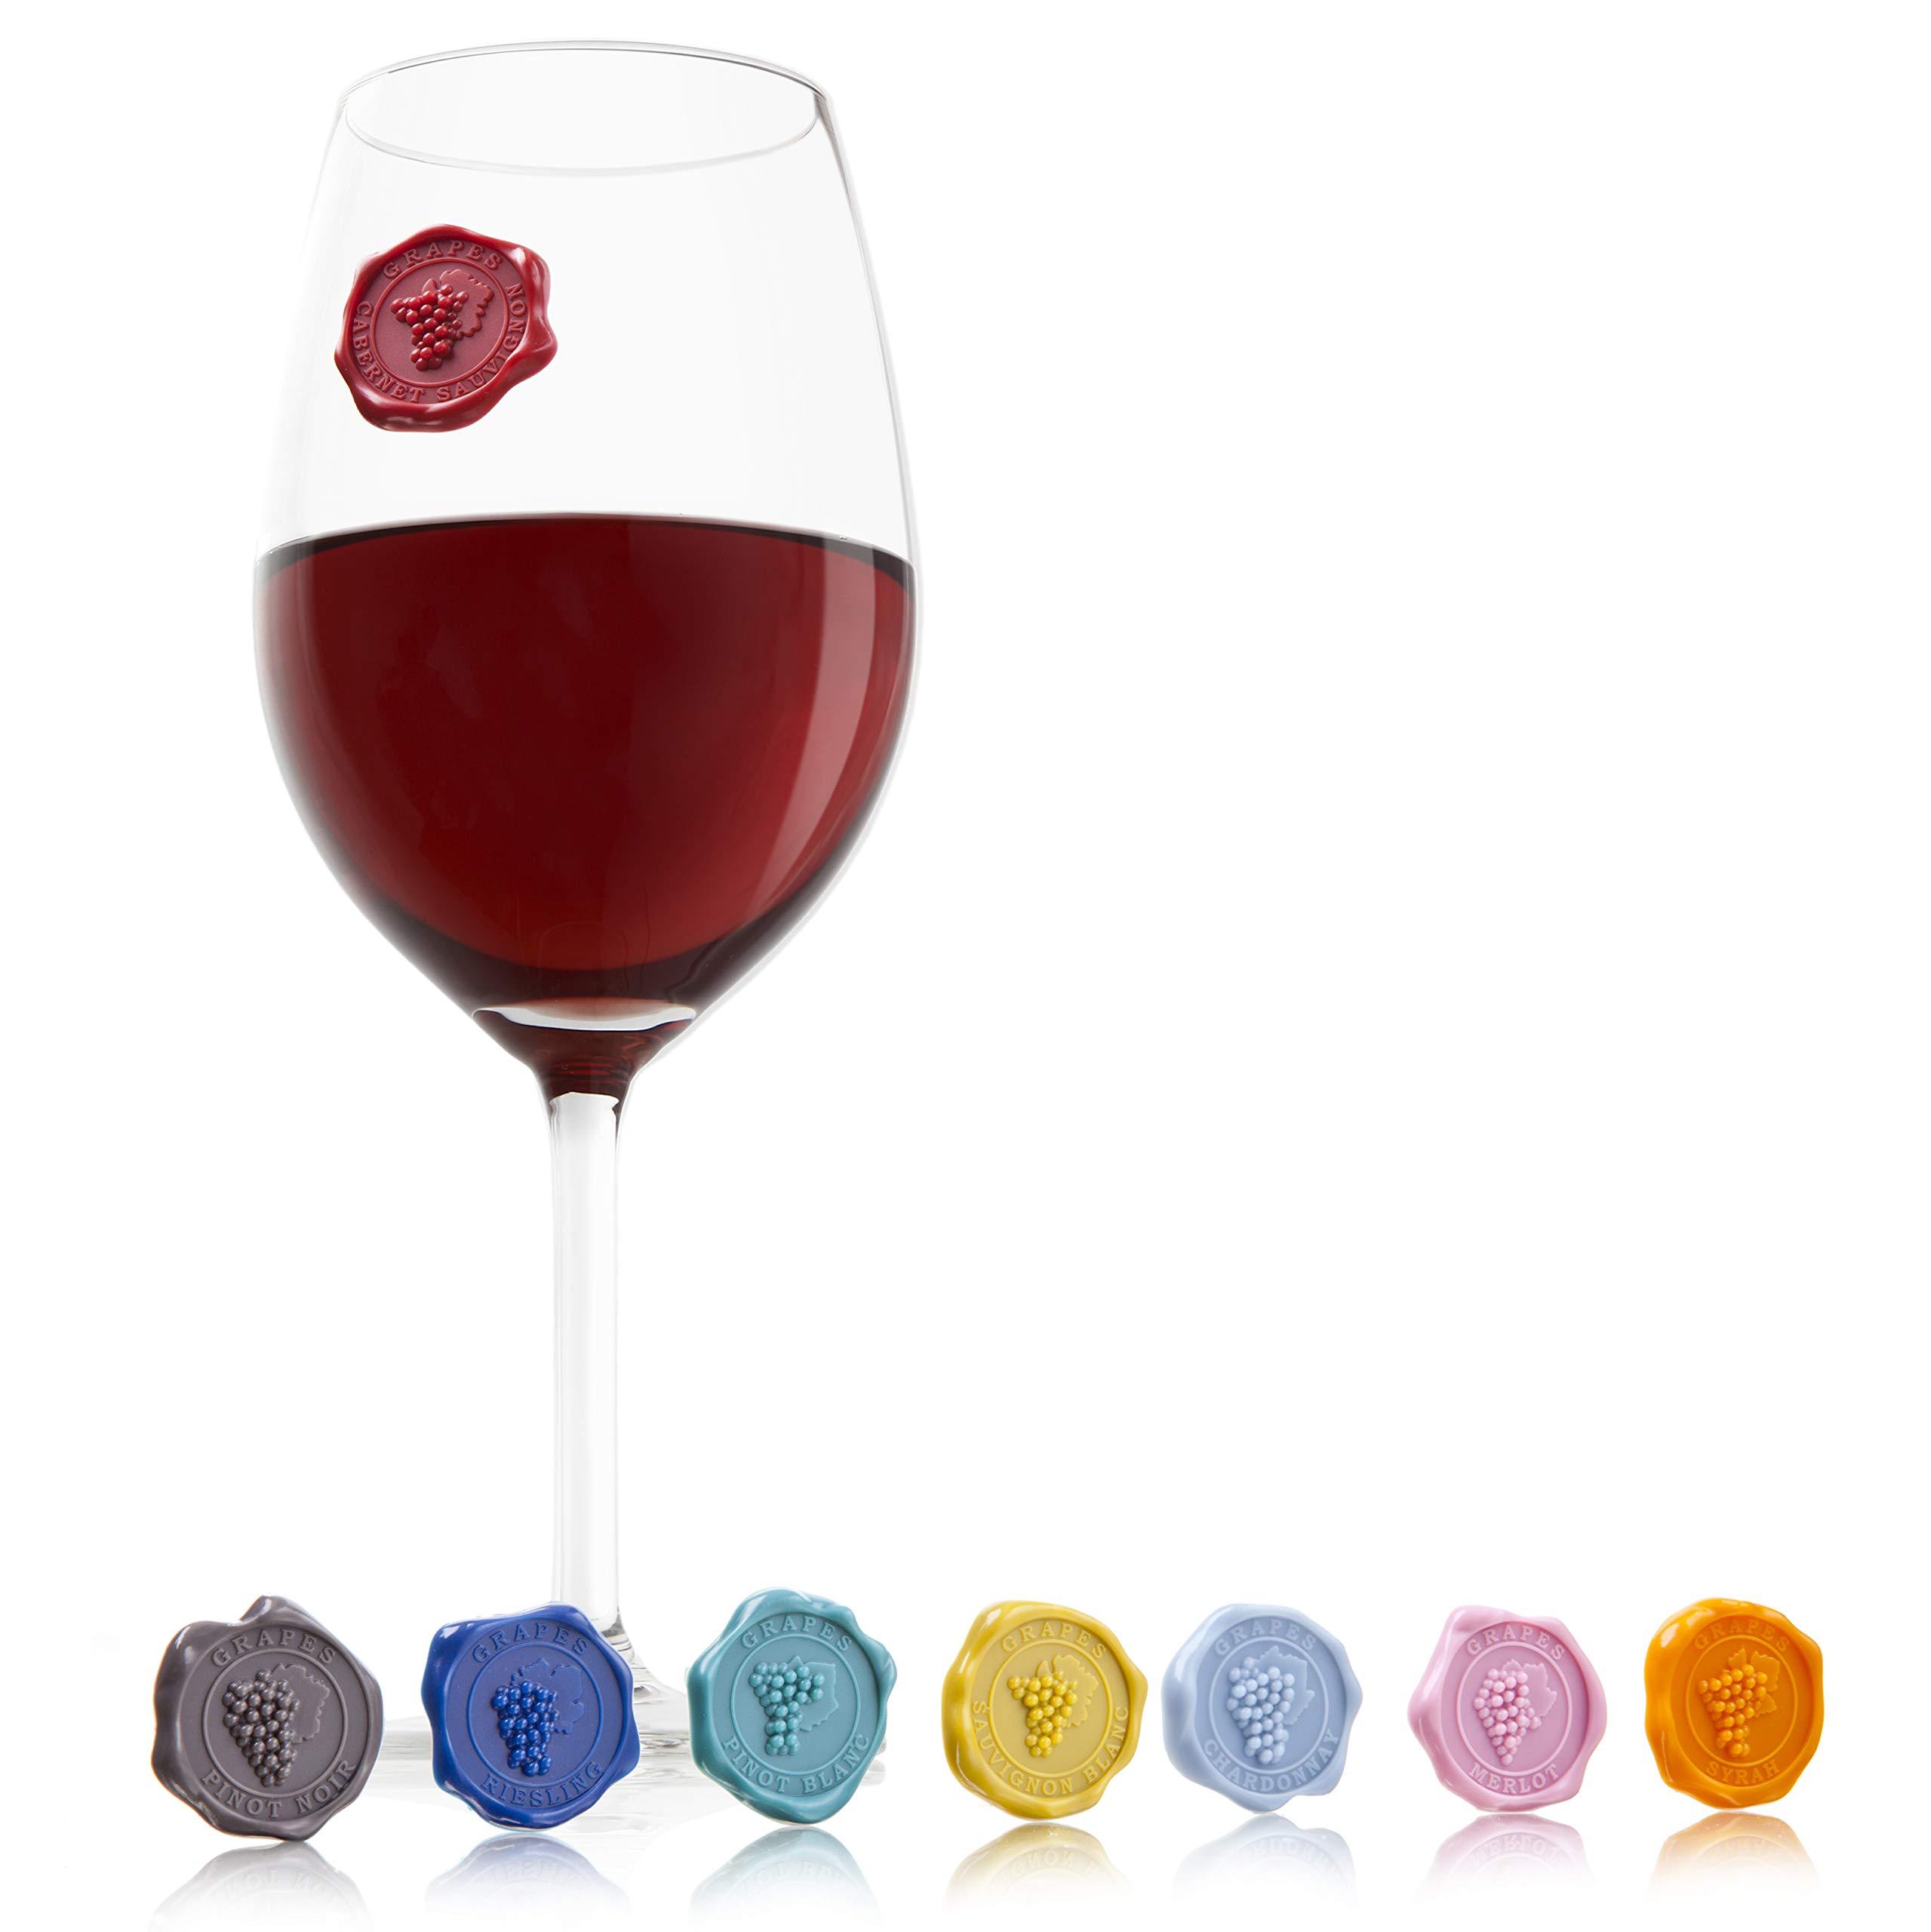 Compra Vacu Vin Marcadores de Copas, Silicona, 145x202x16 en Amazon.es